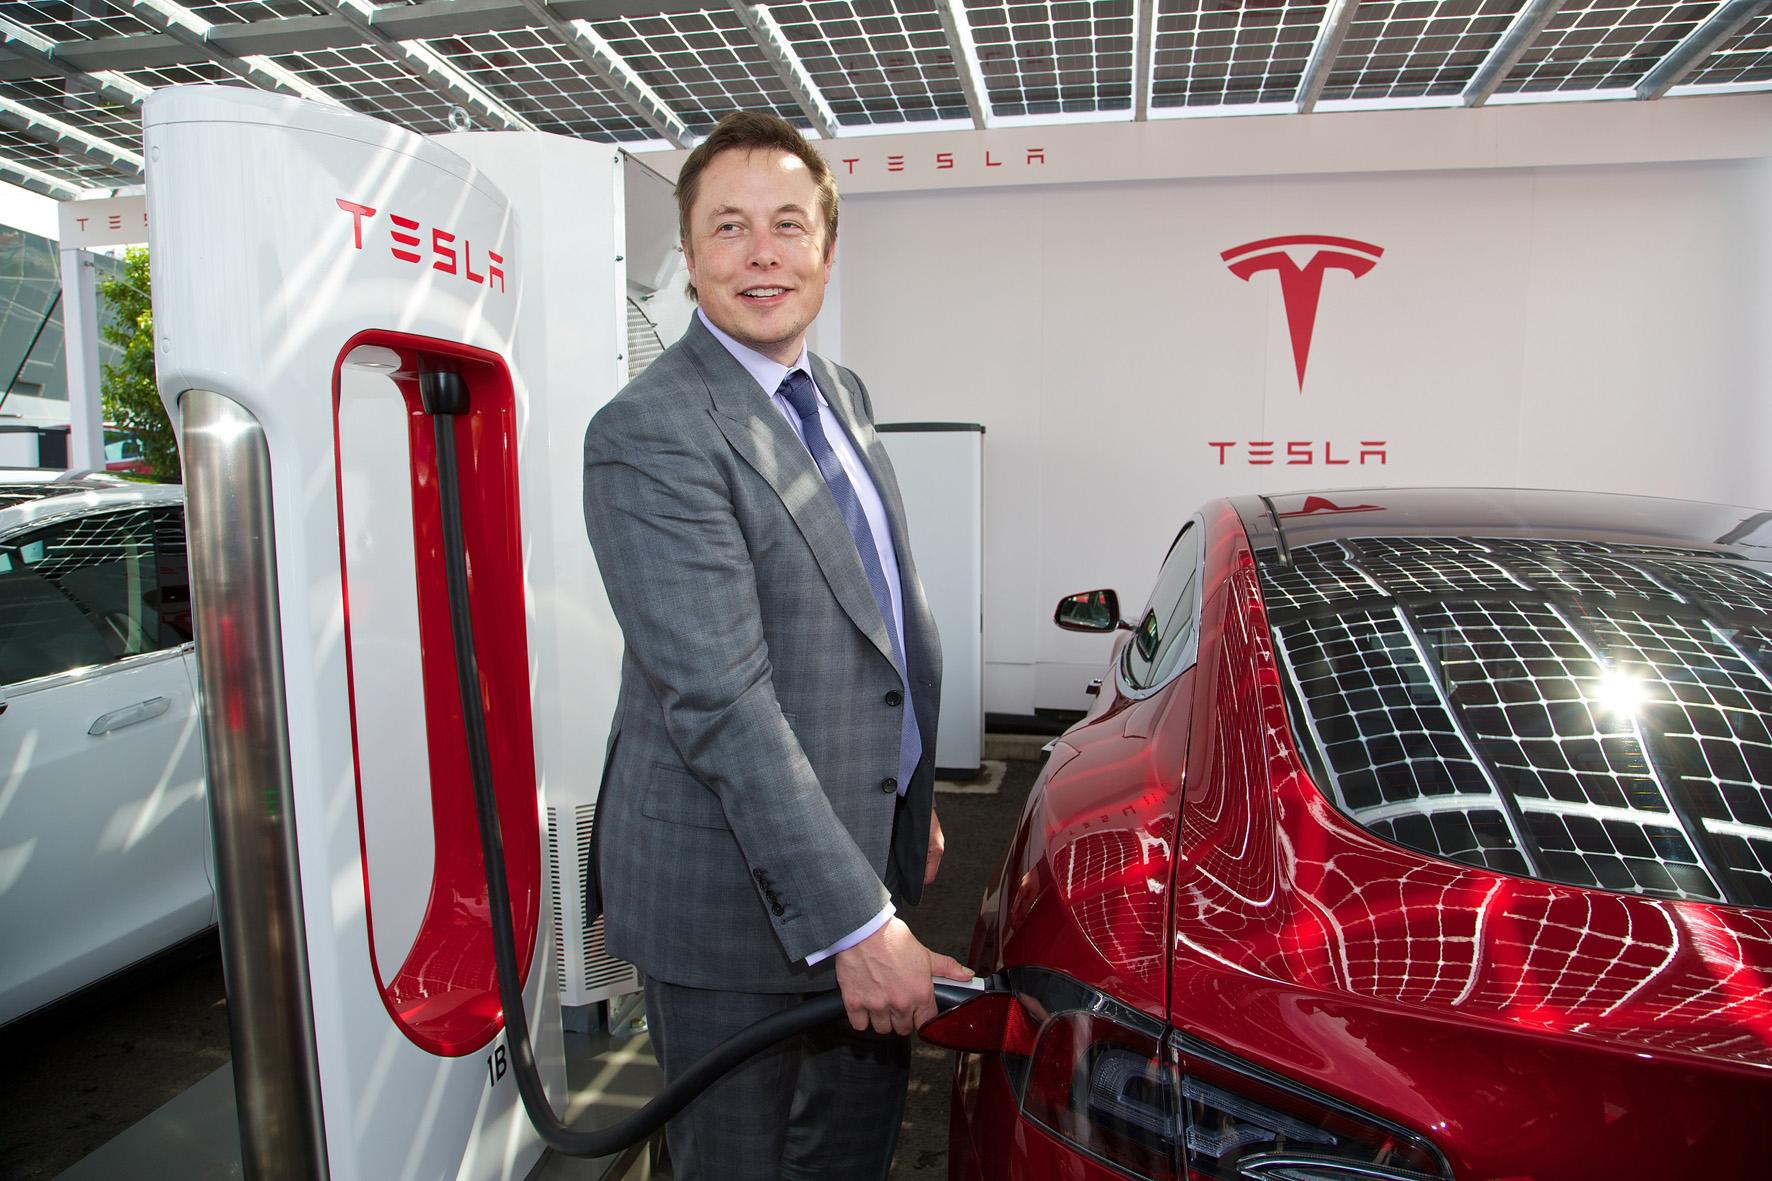 mid Groß-Gerau - Tesla-Chef Elon Musk will das Photovoltaikunternehmen SolarCity kaufen und eng mit Panasonic zusammenarbeiten.